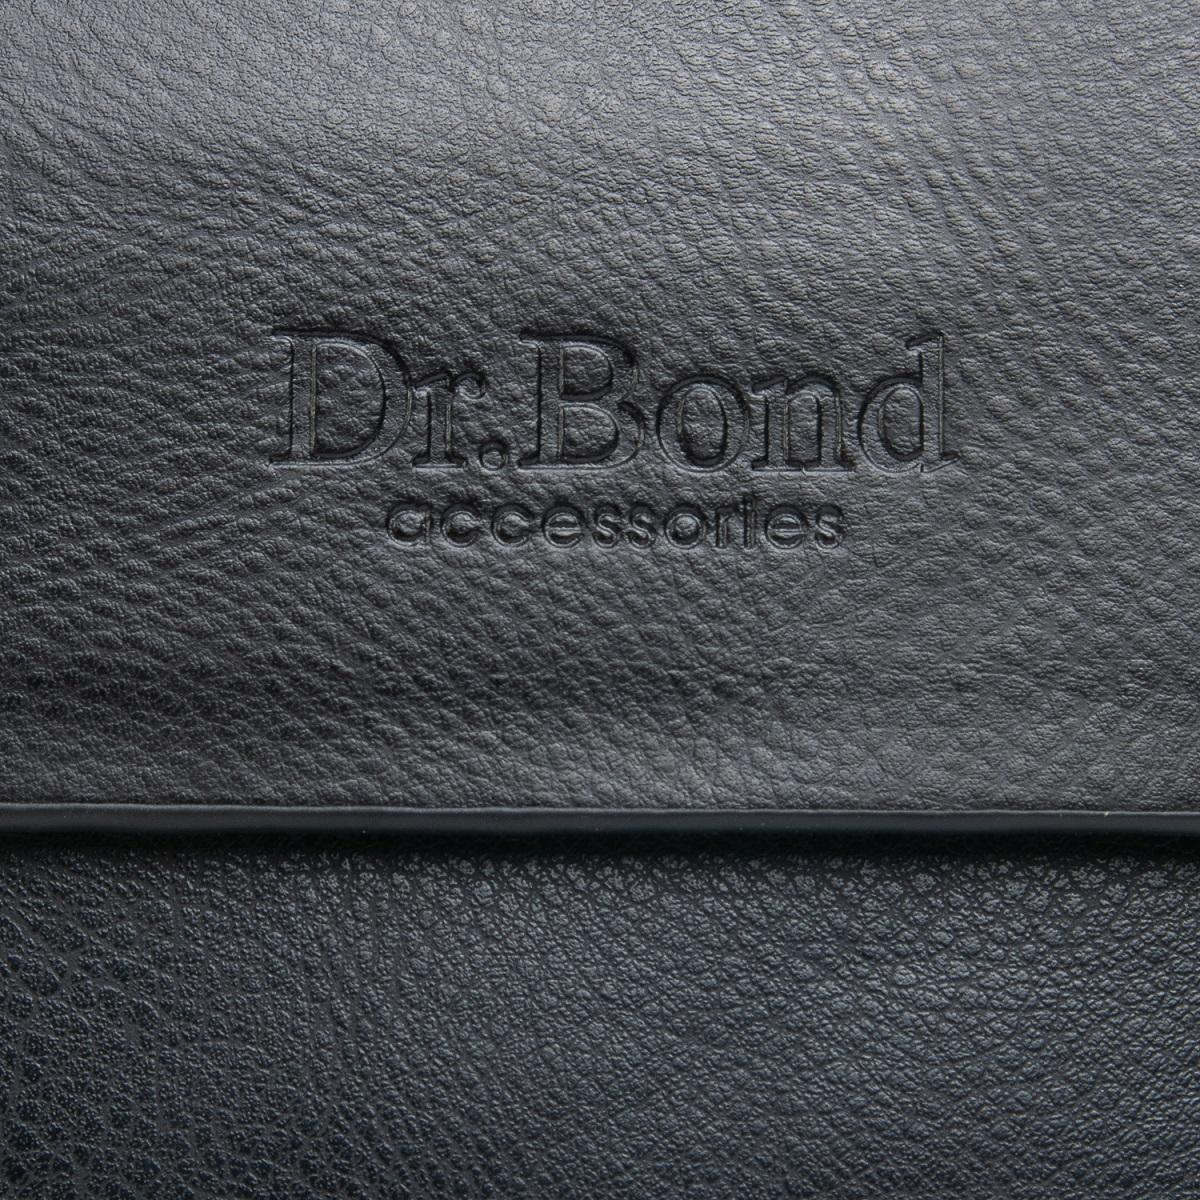 Сумка Мужская Планшет иск-кожа DR. BOND GL 218-0 black - фото 3